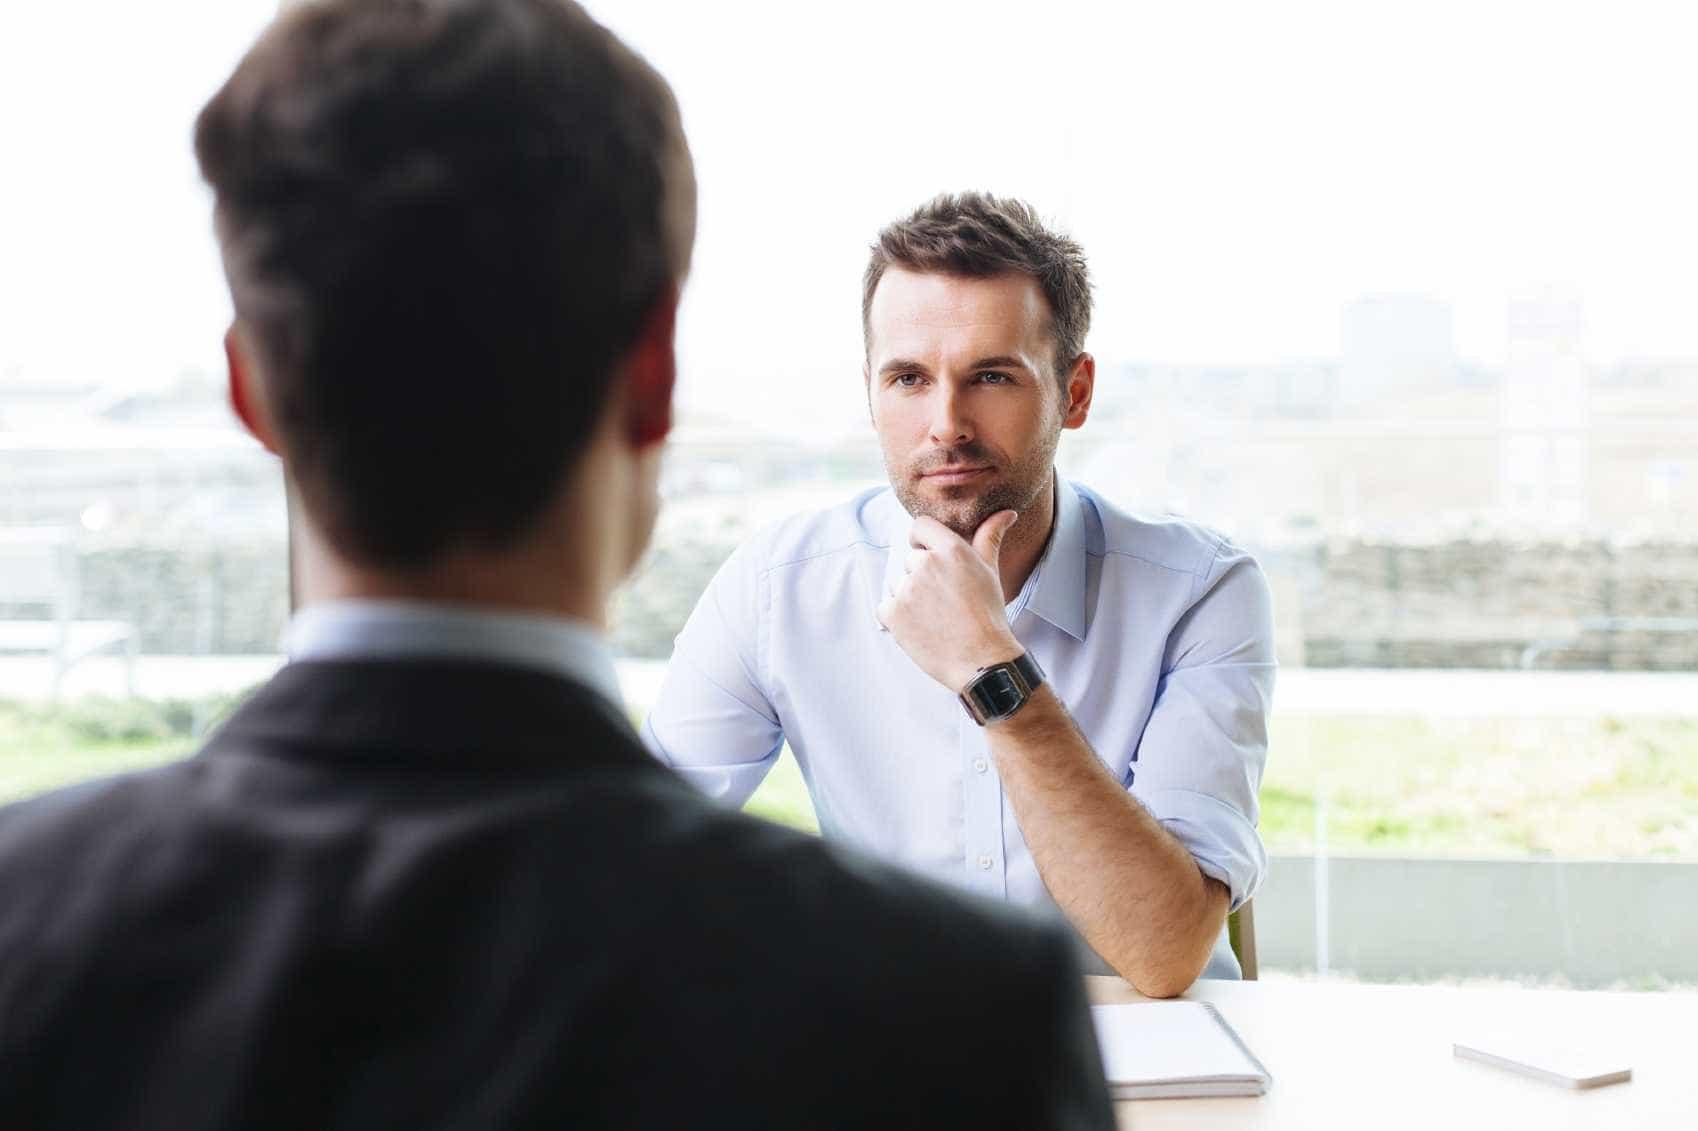 frases a evitar numa entrevista de emprego